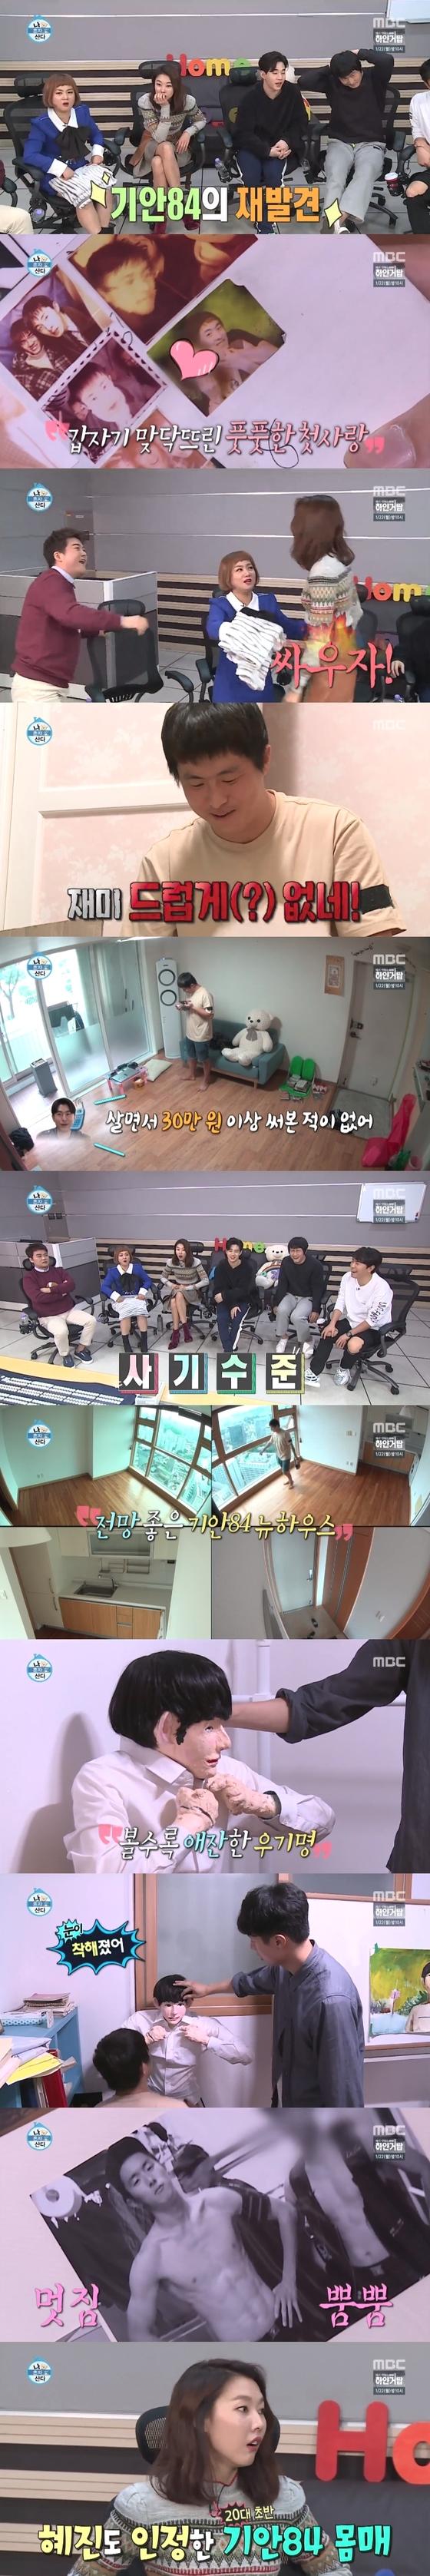 [RE:TV]'나혼자산다' 제 집 찾은 우기명…기안84 새집 입주(종합)